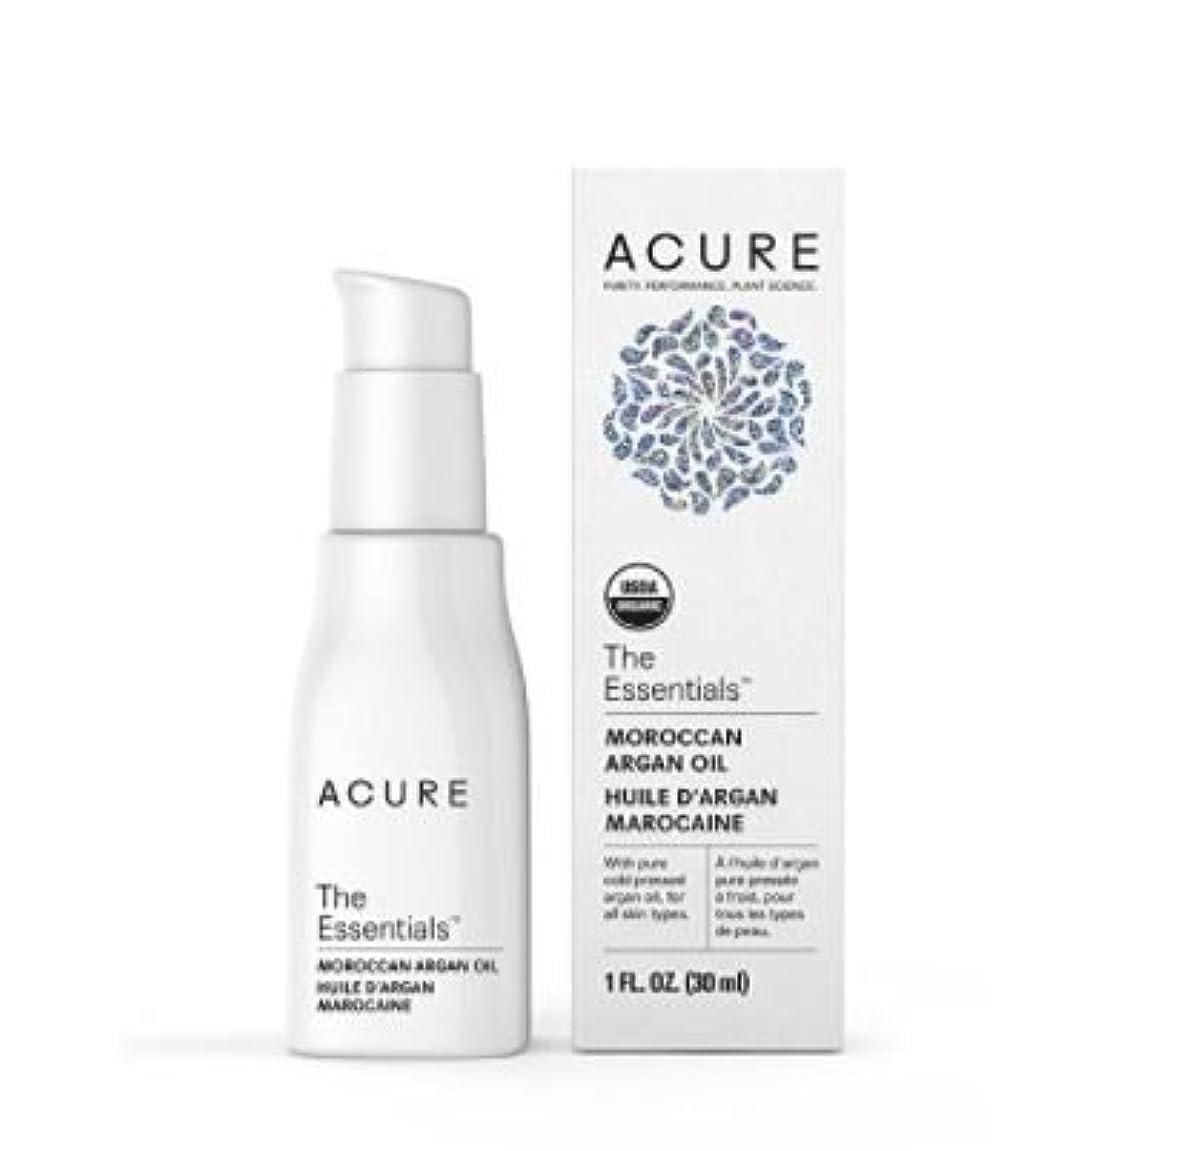 重さ素朴な信頼性のあるAcure Organics オーガニック モロッコ原産 アルガンオイル トリートメント 全ての肌タイプ用 1 oz 30ml【並行輸入品】